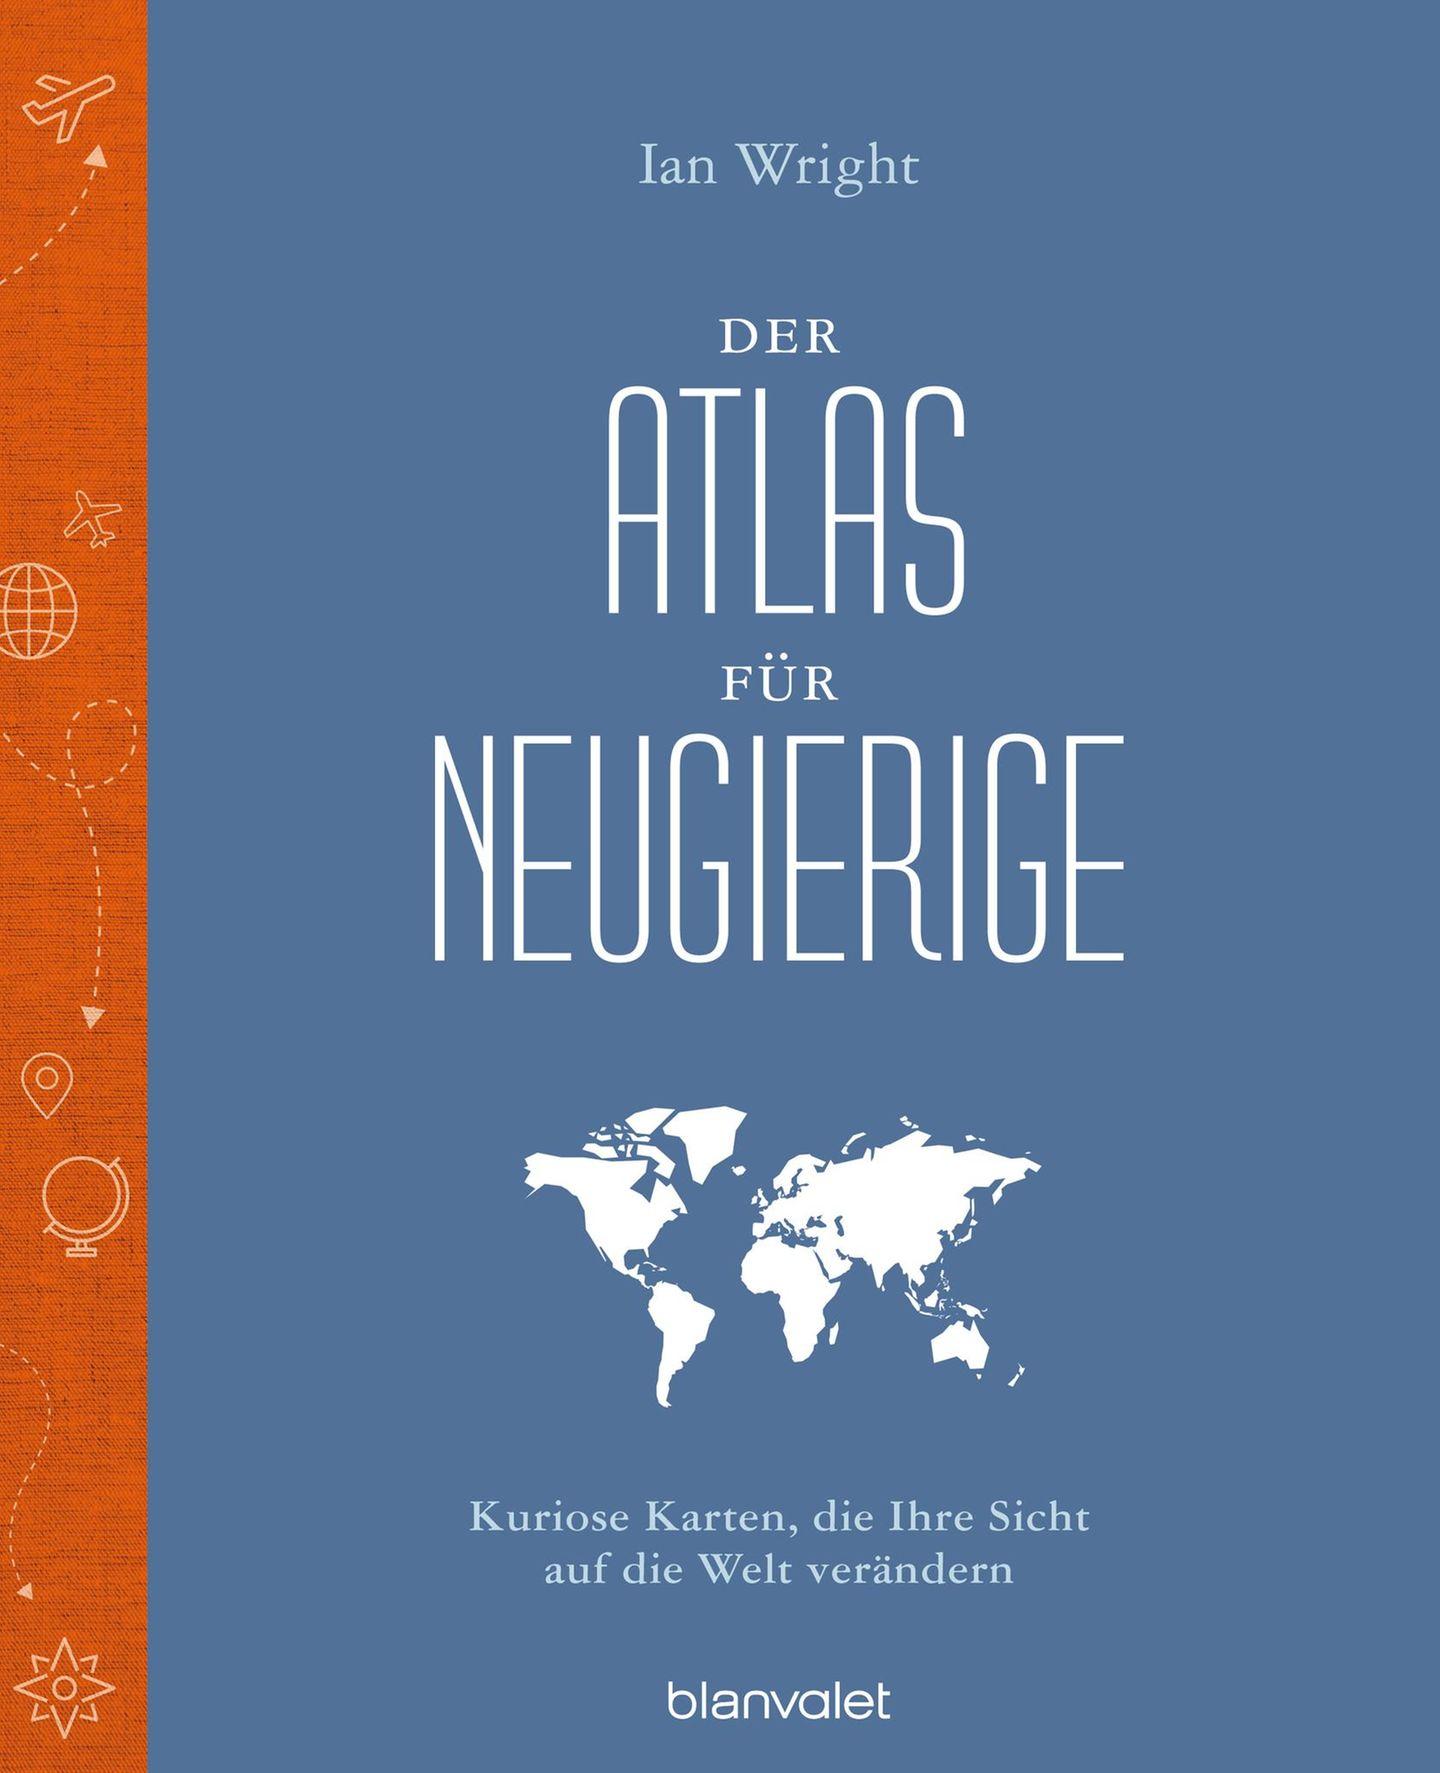 """Aus: """"Der Atlas für Neugierige - Kuriose Karten, die Ihre Sicht auf die Welt verändern""""vonIan Wright. Erschienen bei Blanvalet,. 240 Seiten, Preis: 24 Euro."""